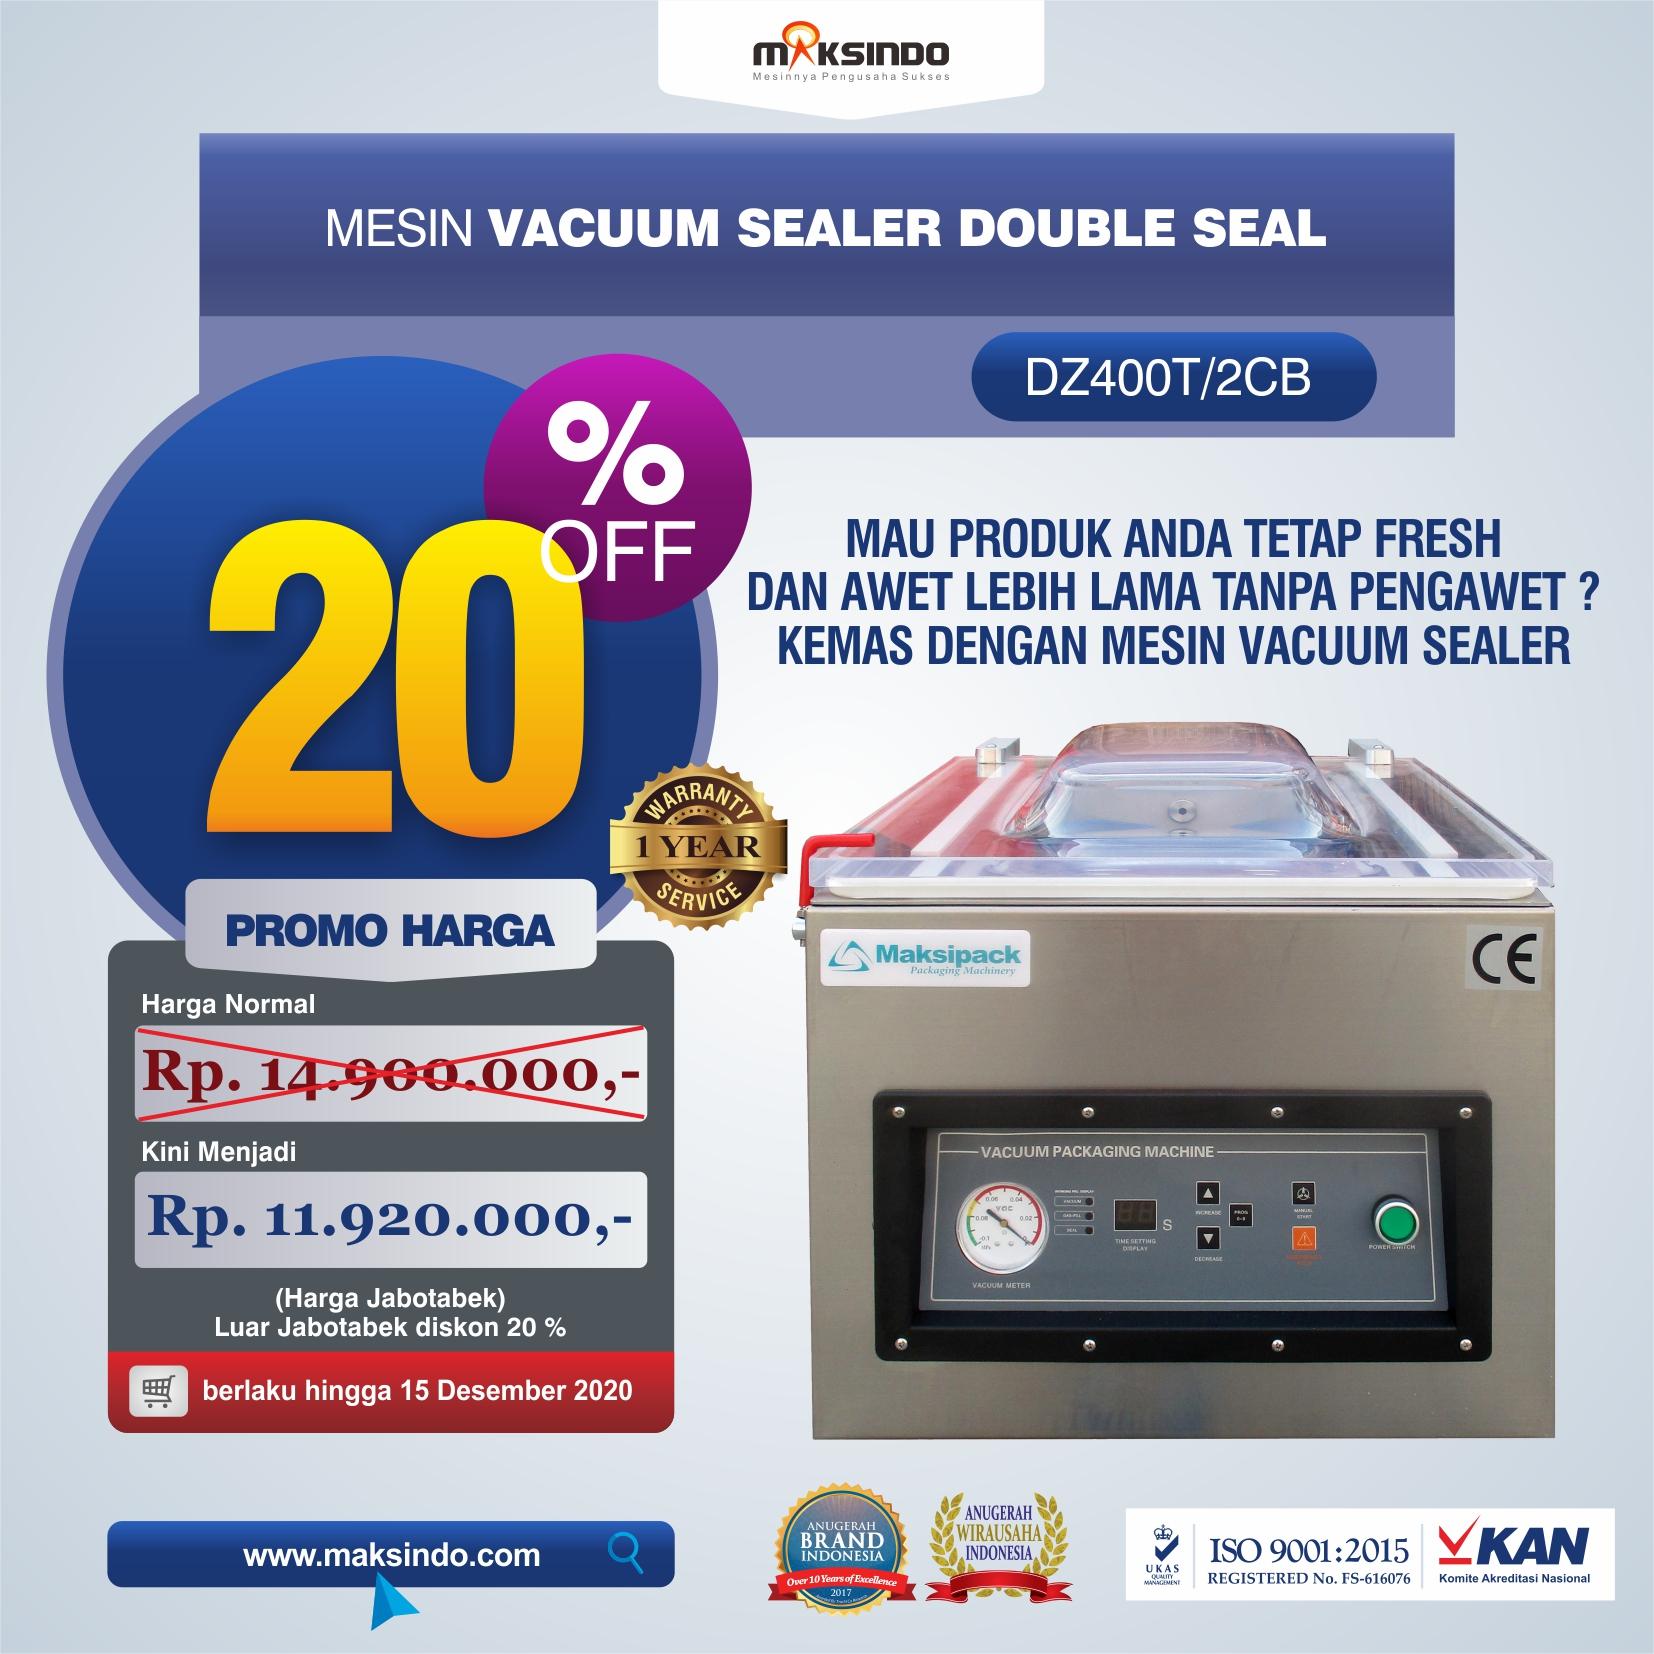 Jual Vacuum Sealer Double Seal DZ400T/2CB di Tangerang